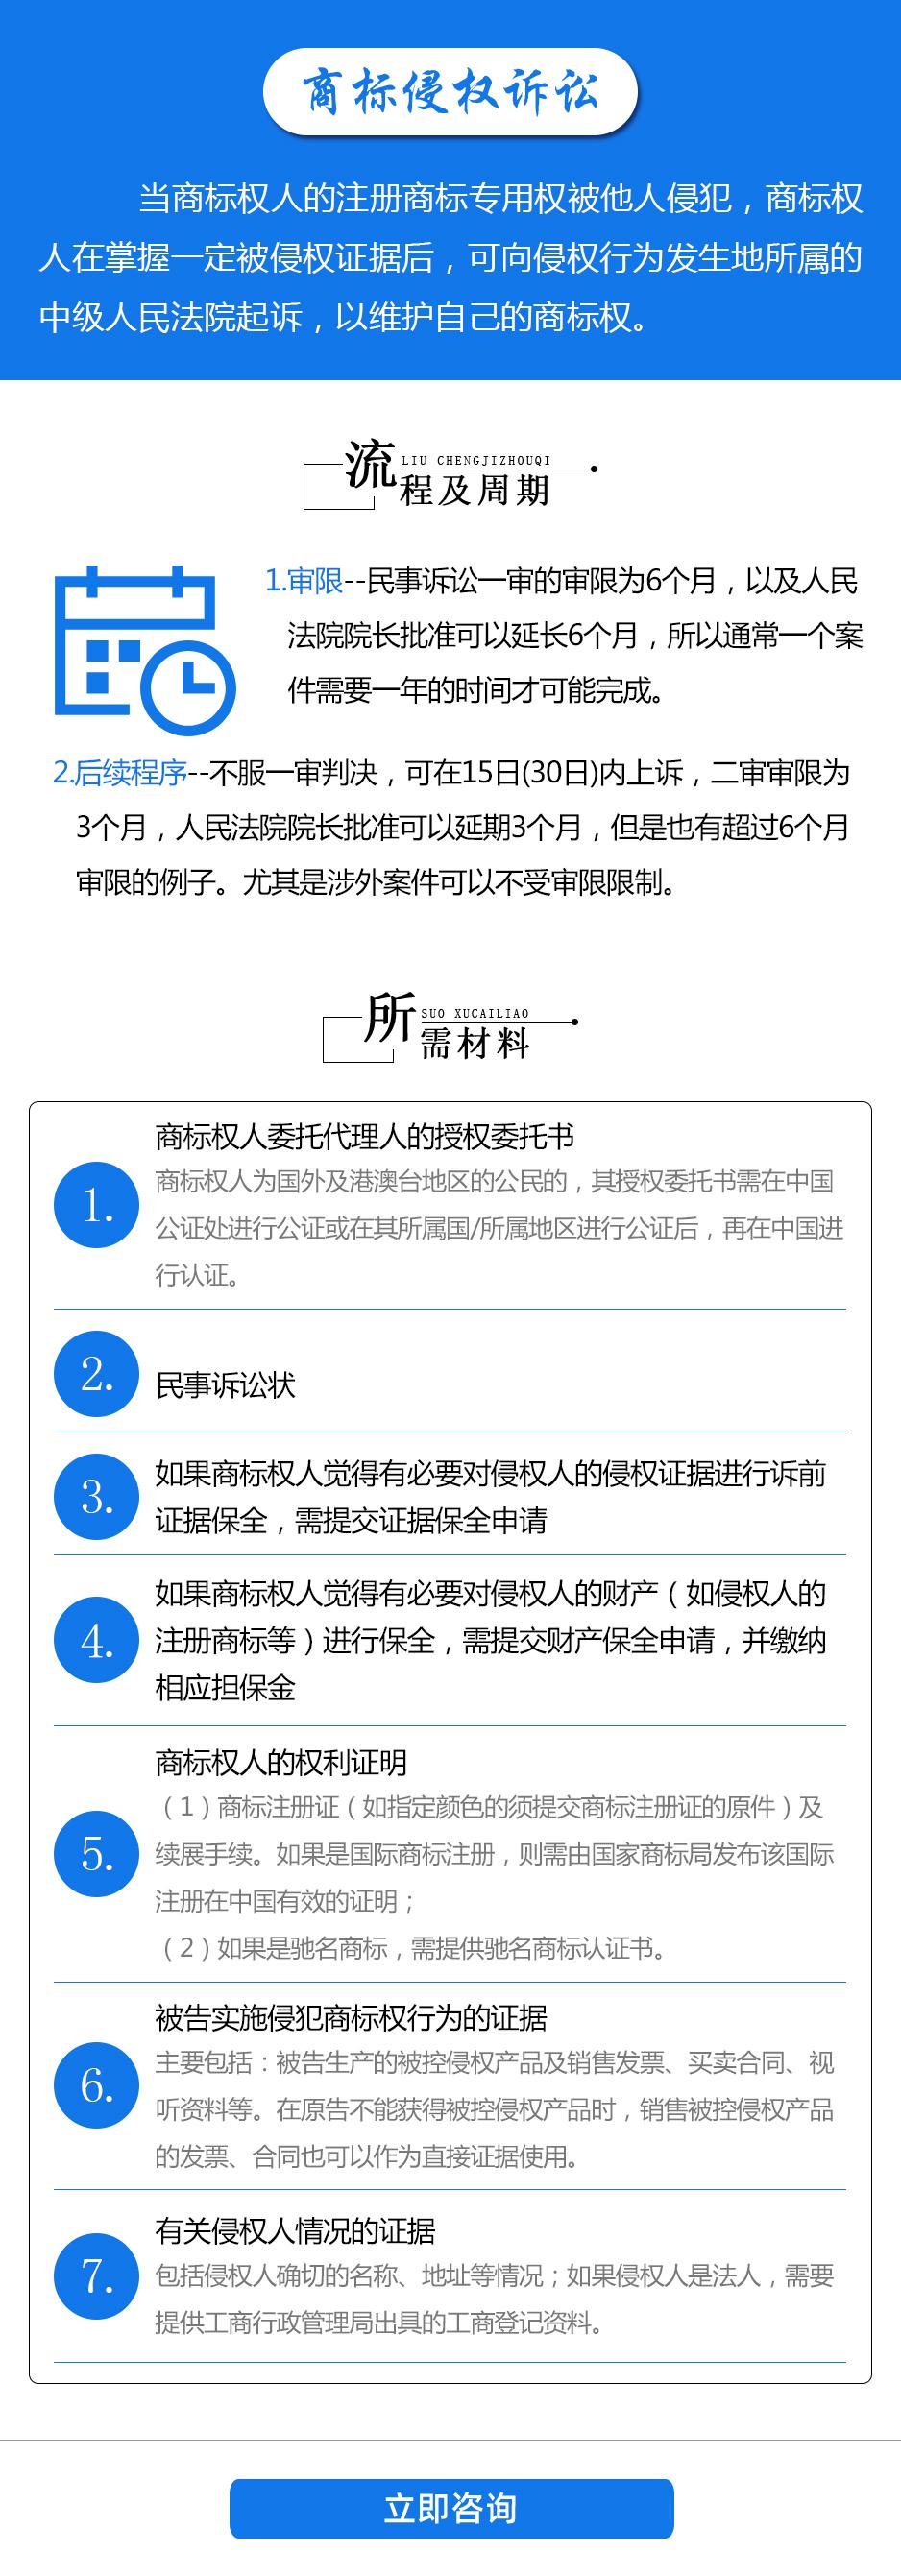 商标侵权诉讼详情页.jpg